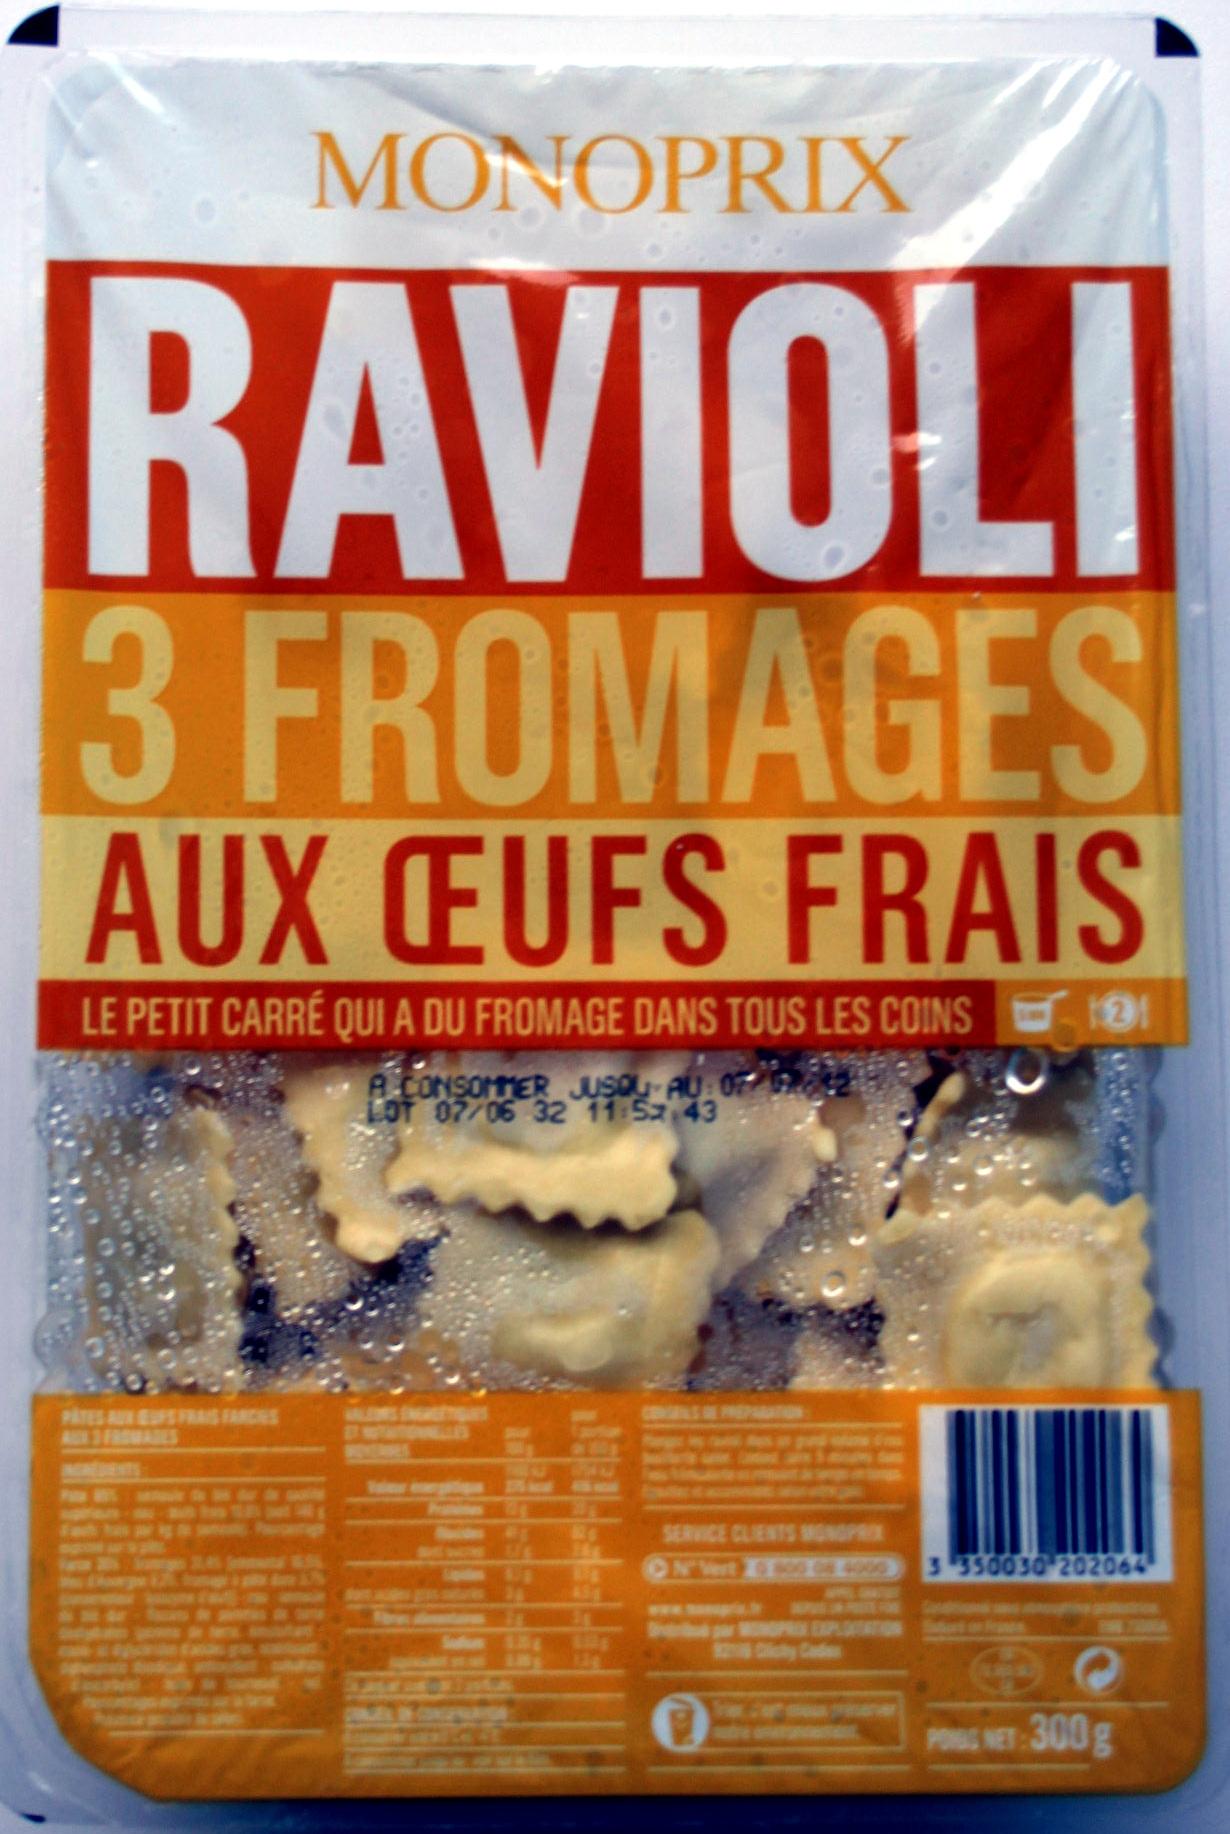 Ravioli 3 Fromages aux Œufs Frais - Product - fr